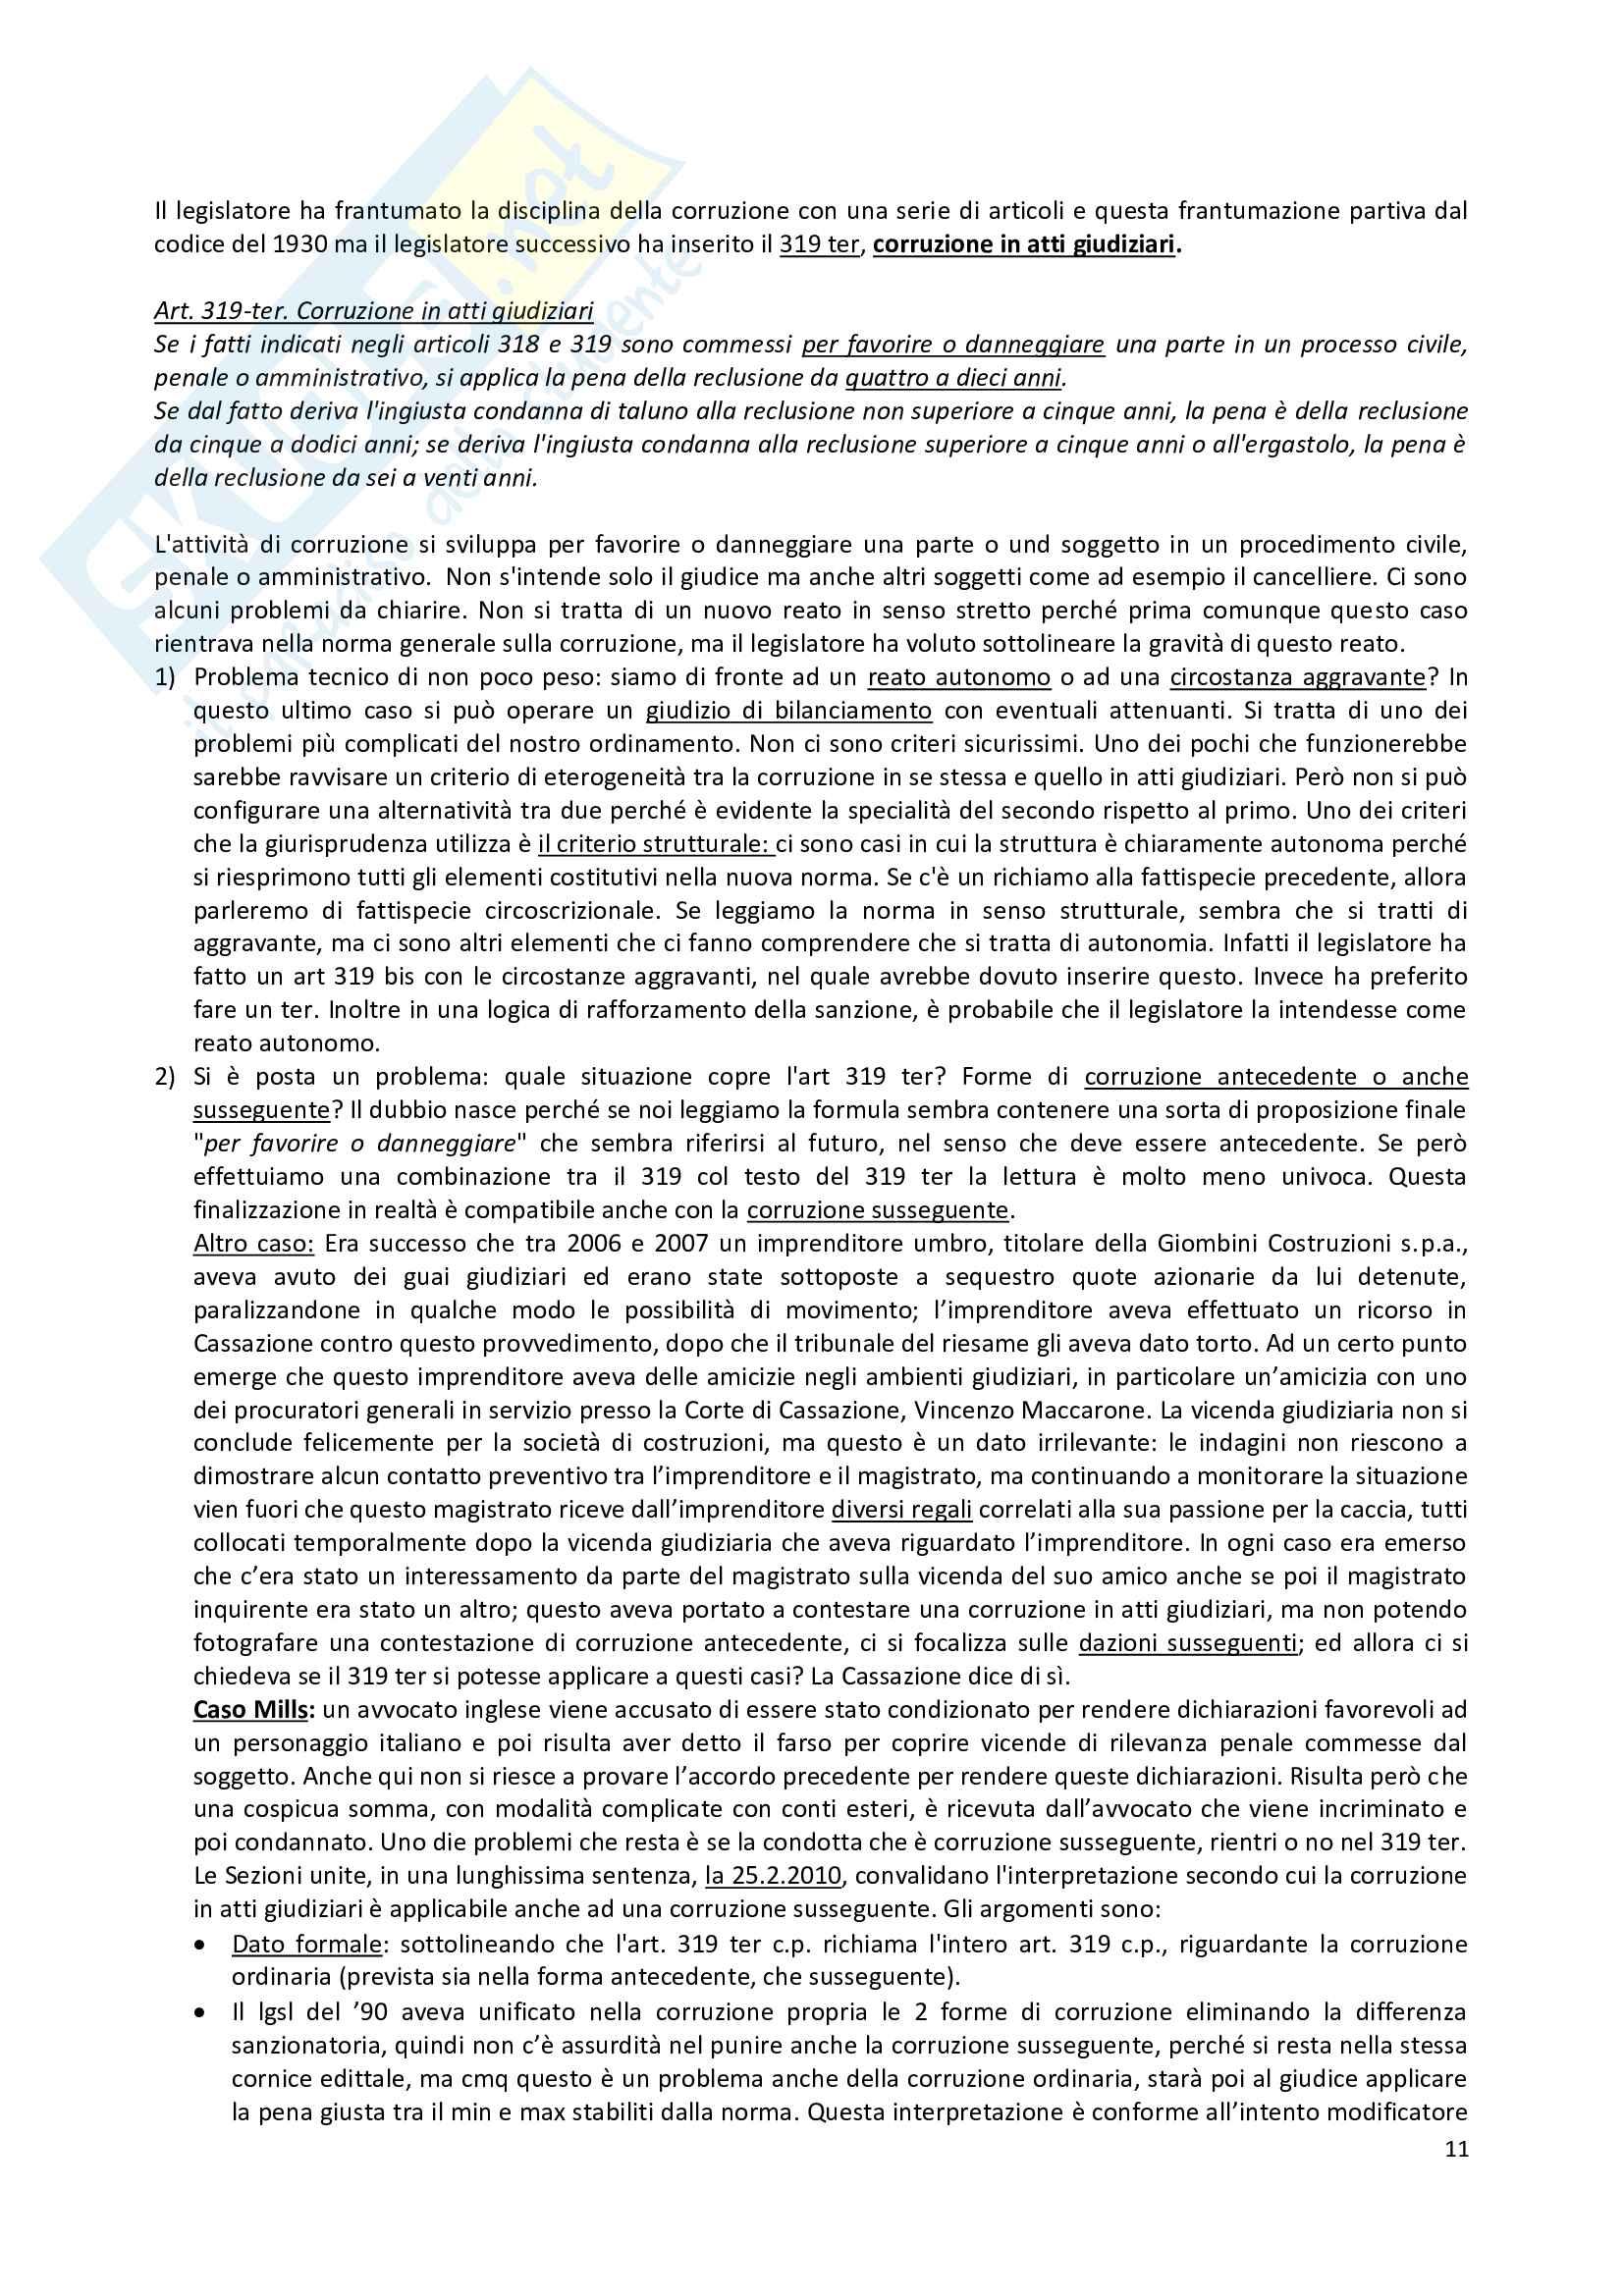 Diritto penale - nozioni Pag. 11